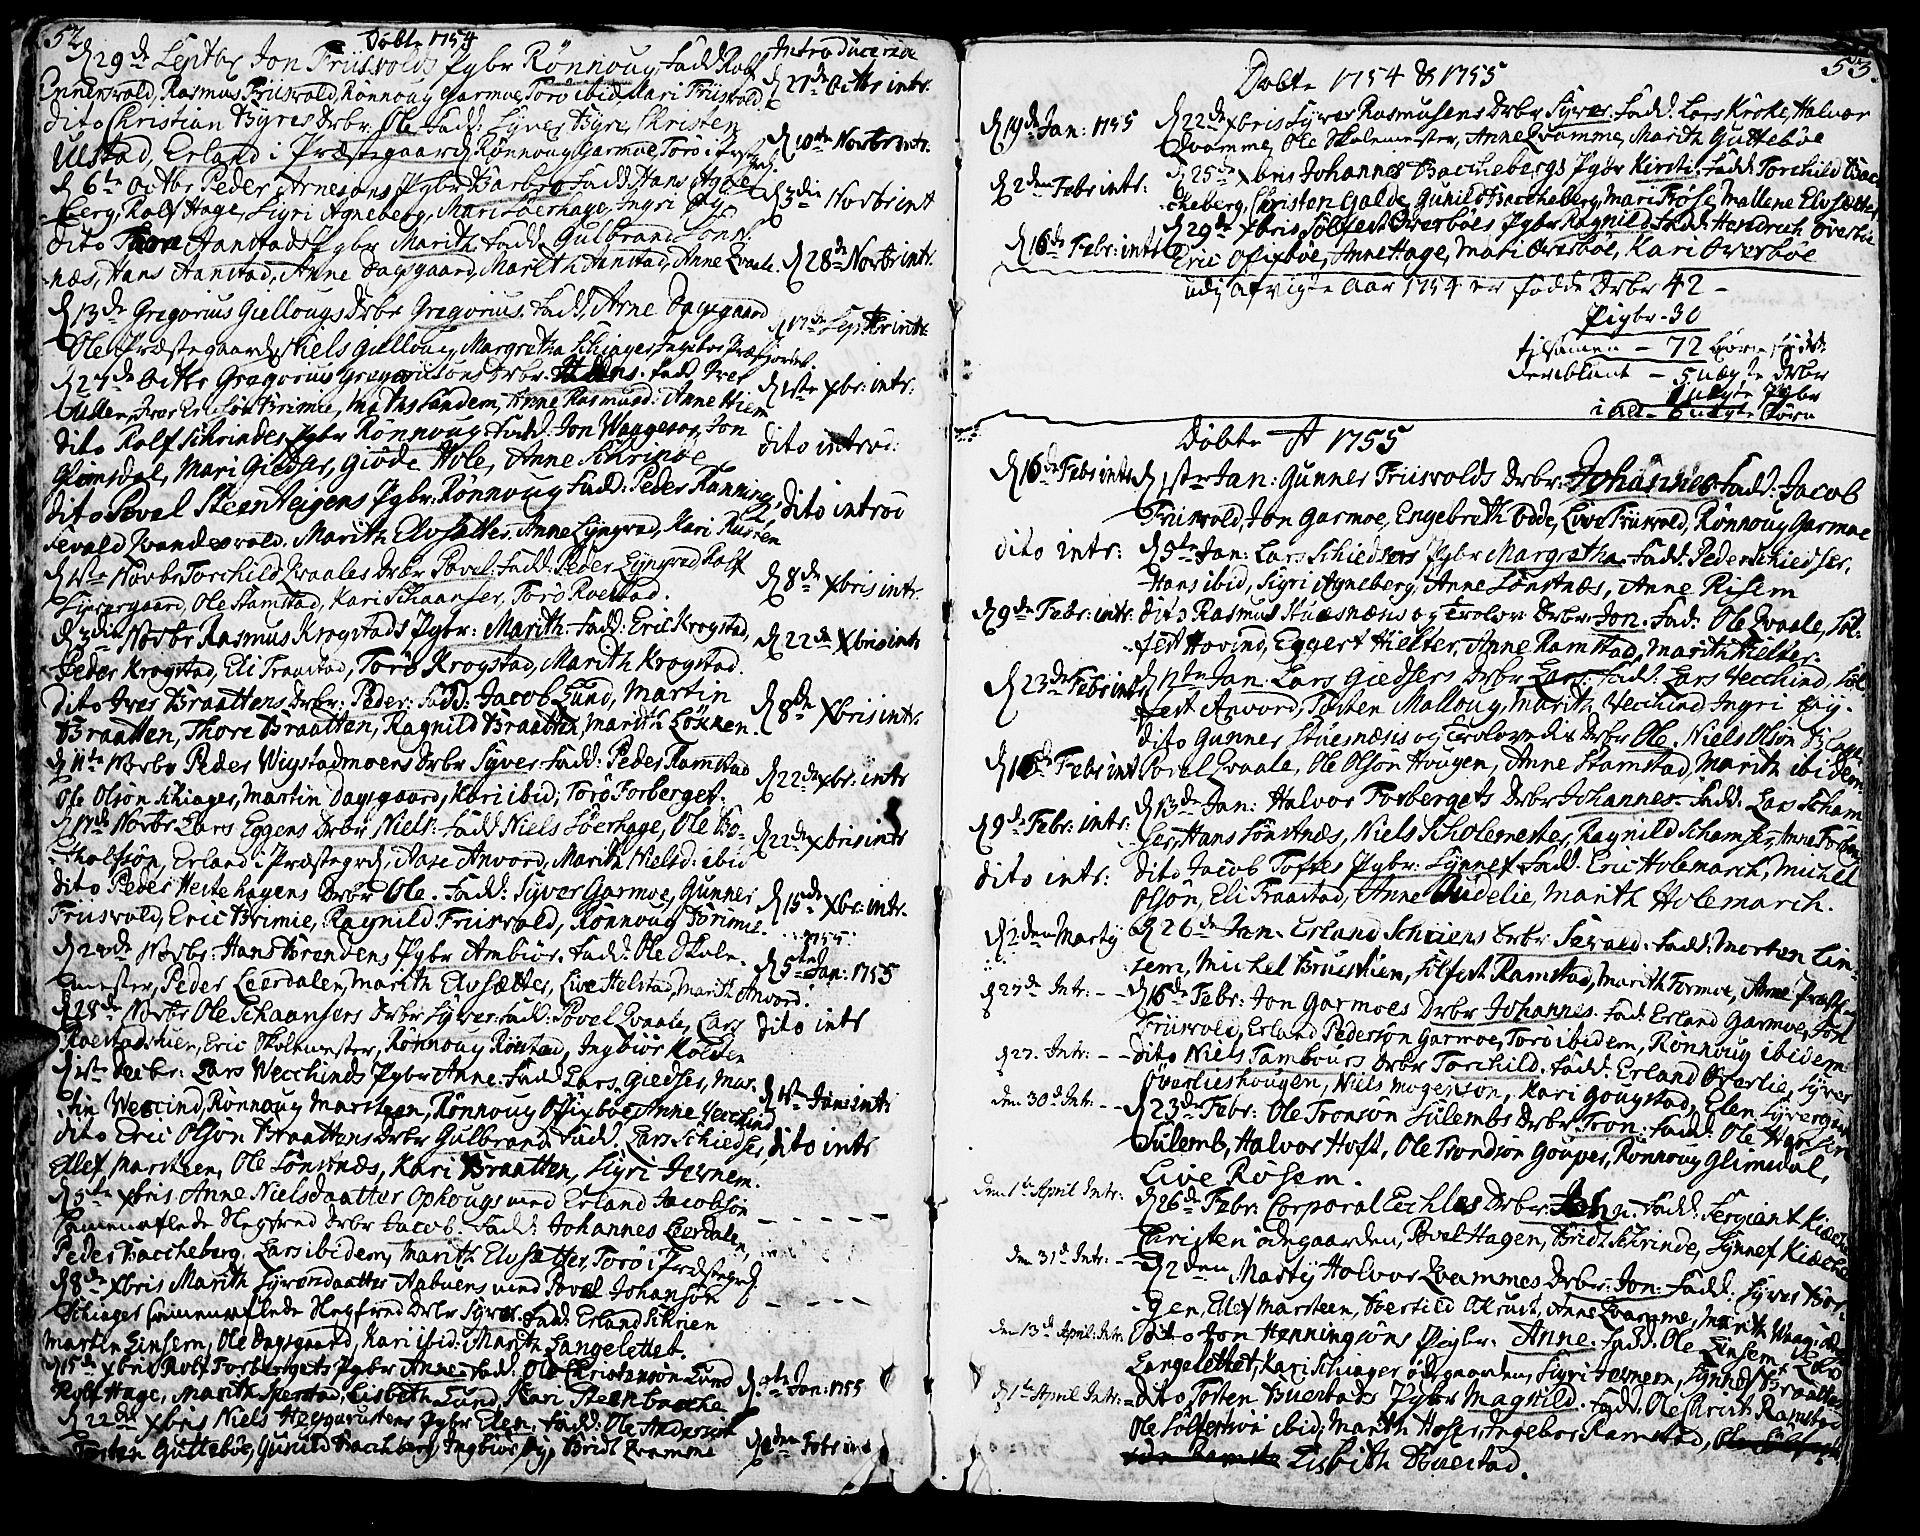 SAH, Lom prestekontor, K/L0002: Ministerialbok nr. 2, 1749-1801, s. 52-53